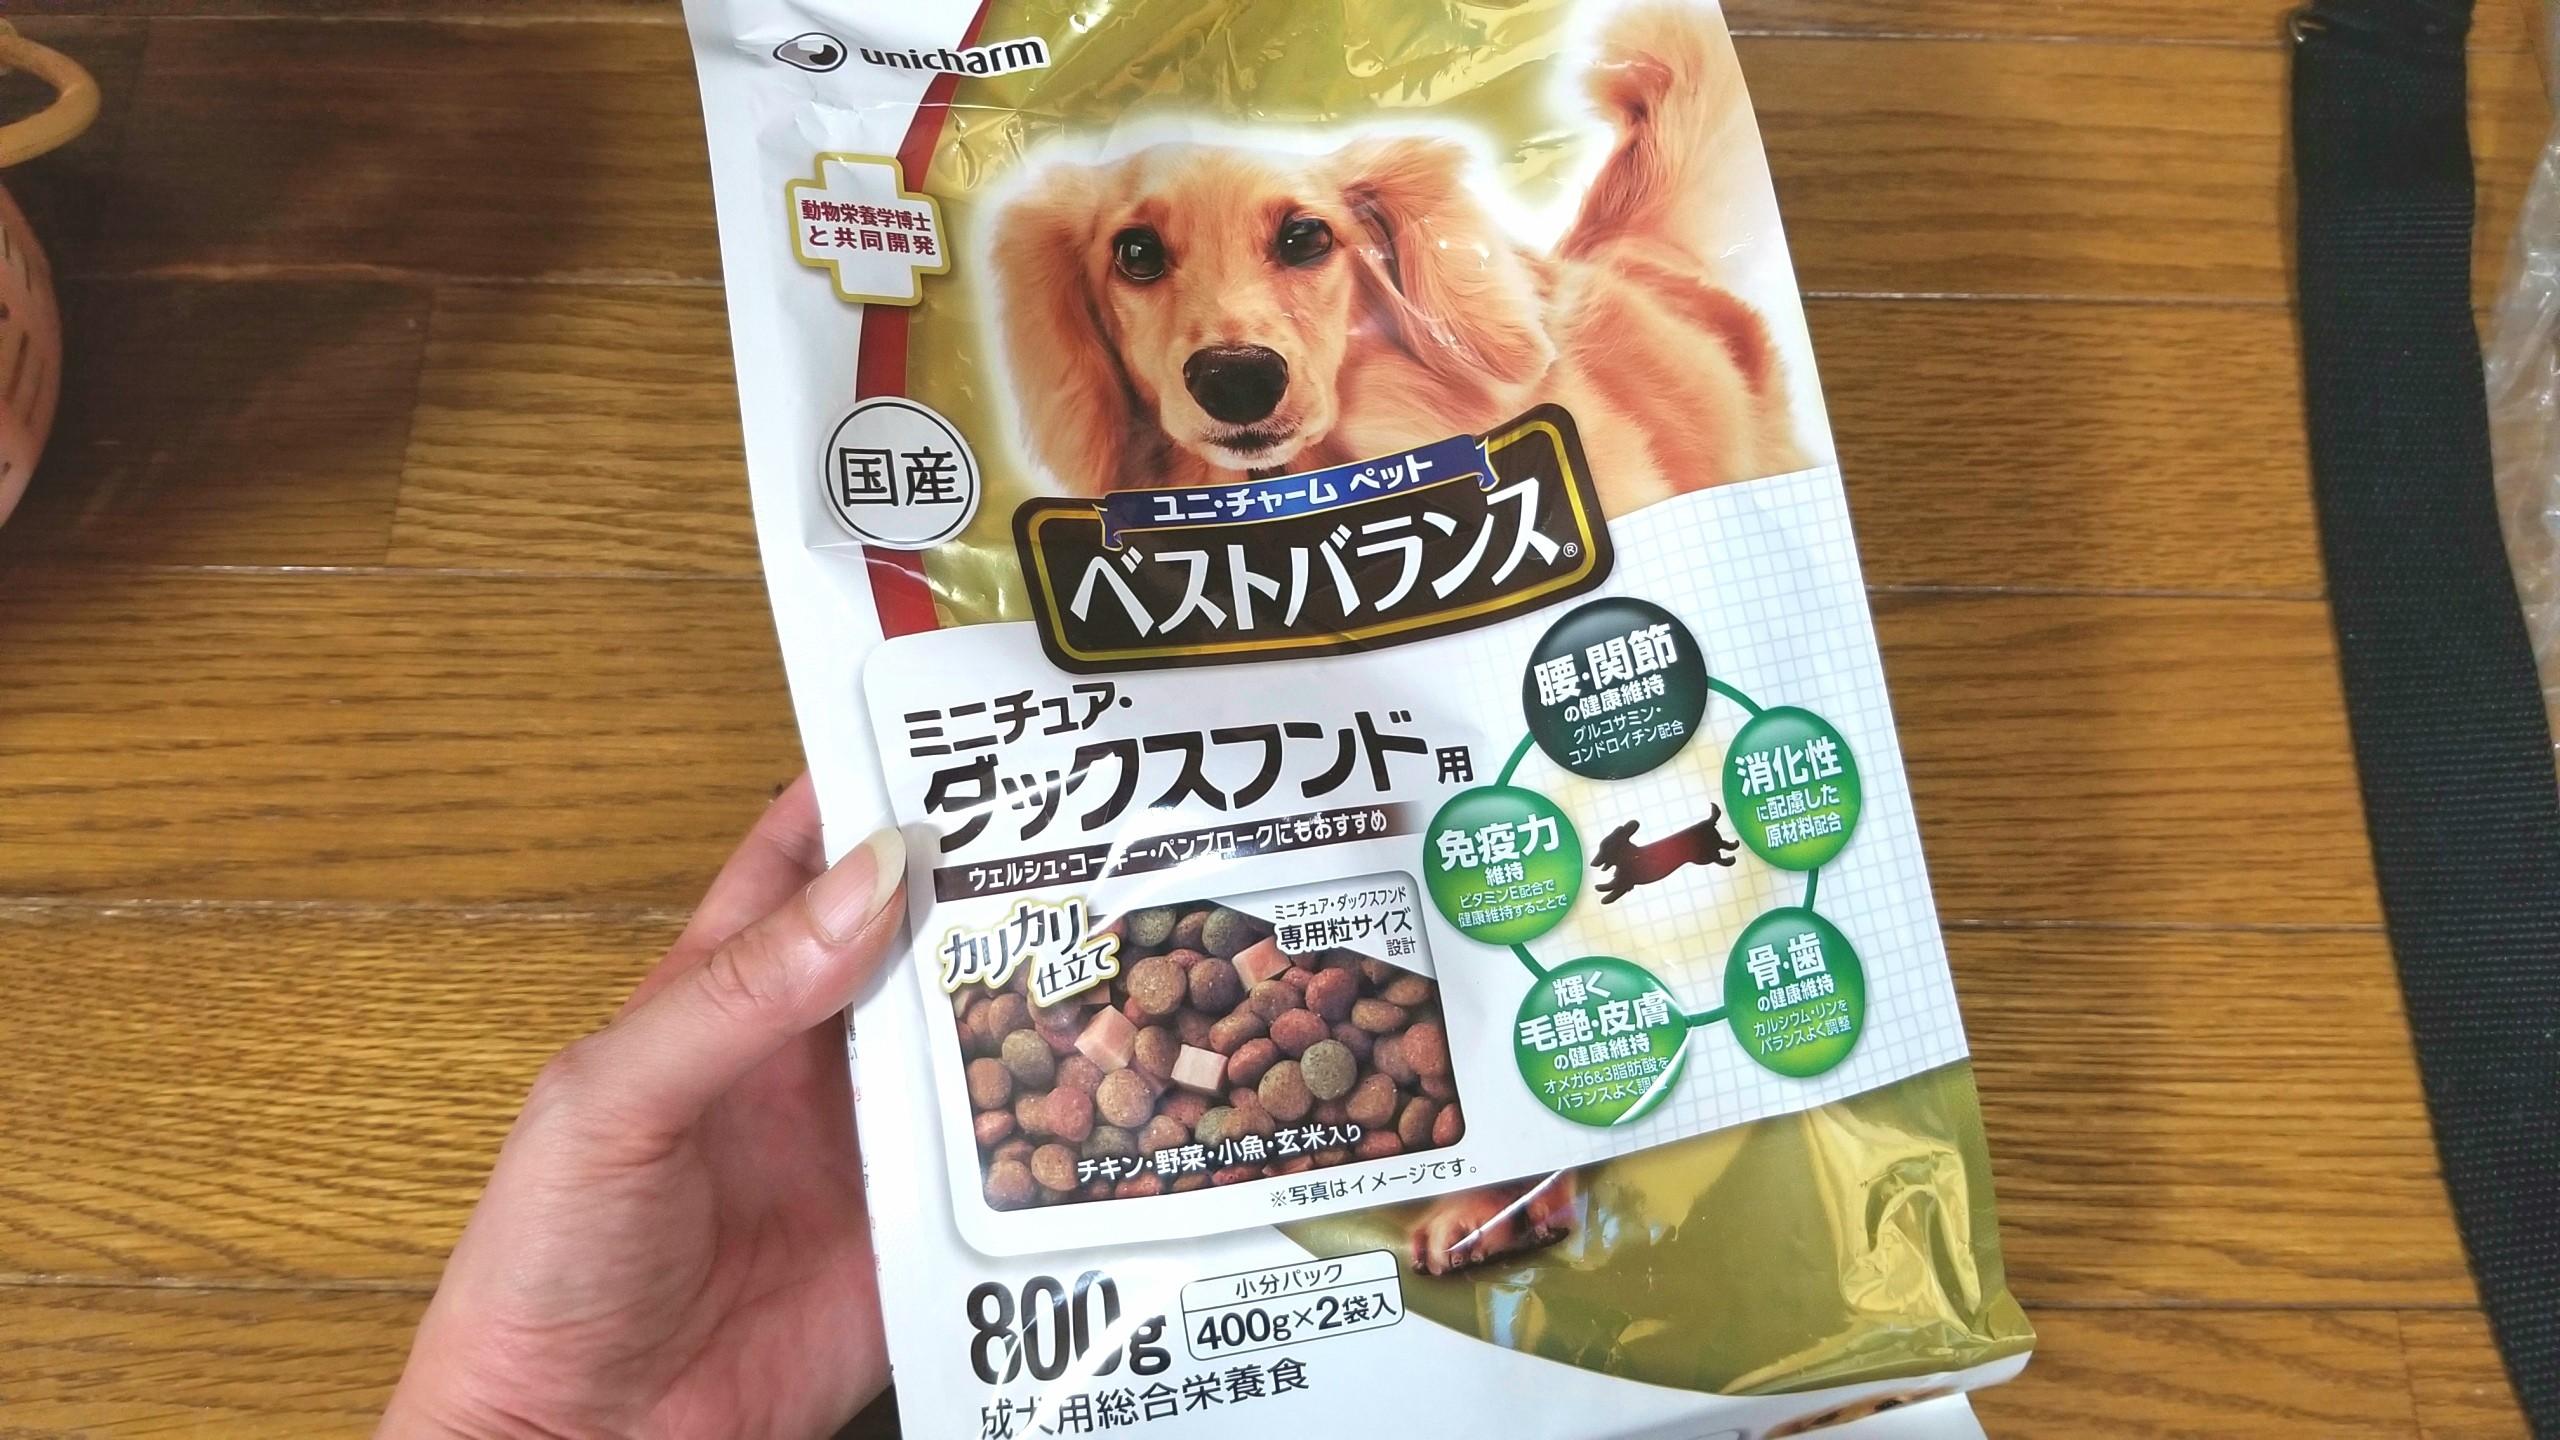 老犬,ベストバランス,ペットの食事管理,ドッグフードをペースト状に